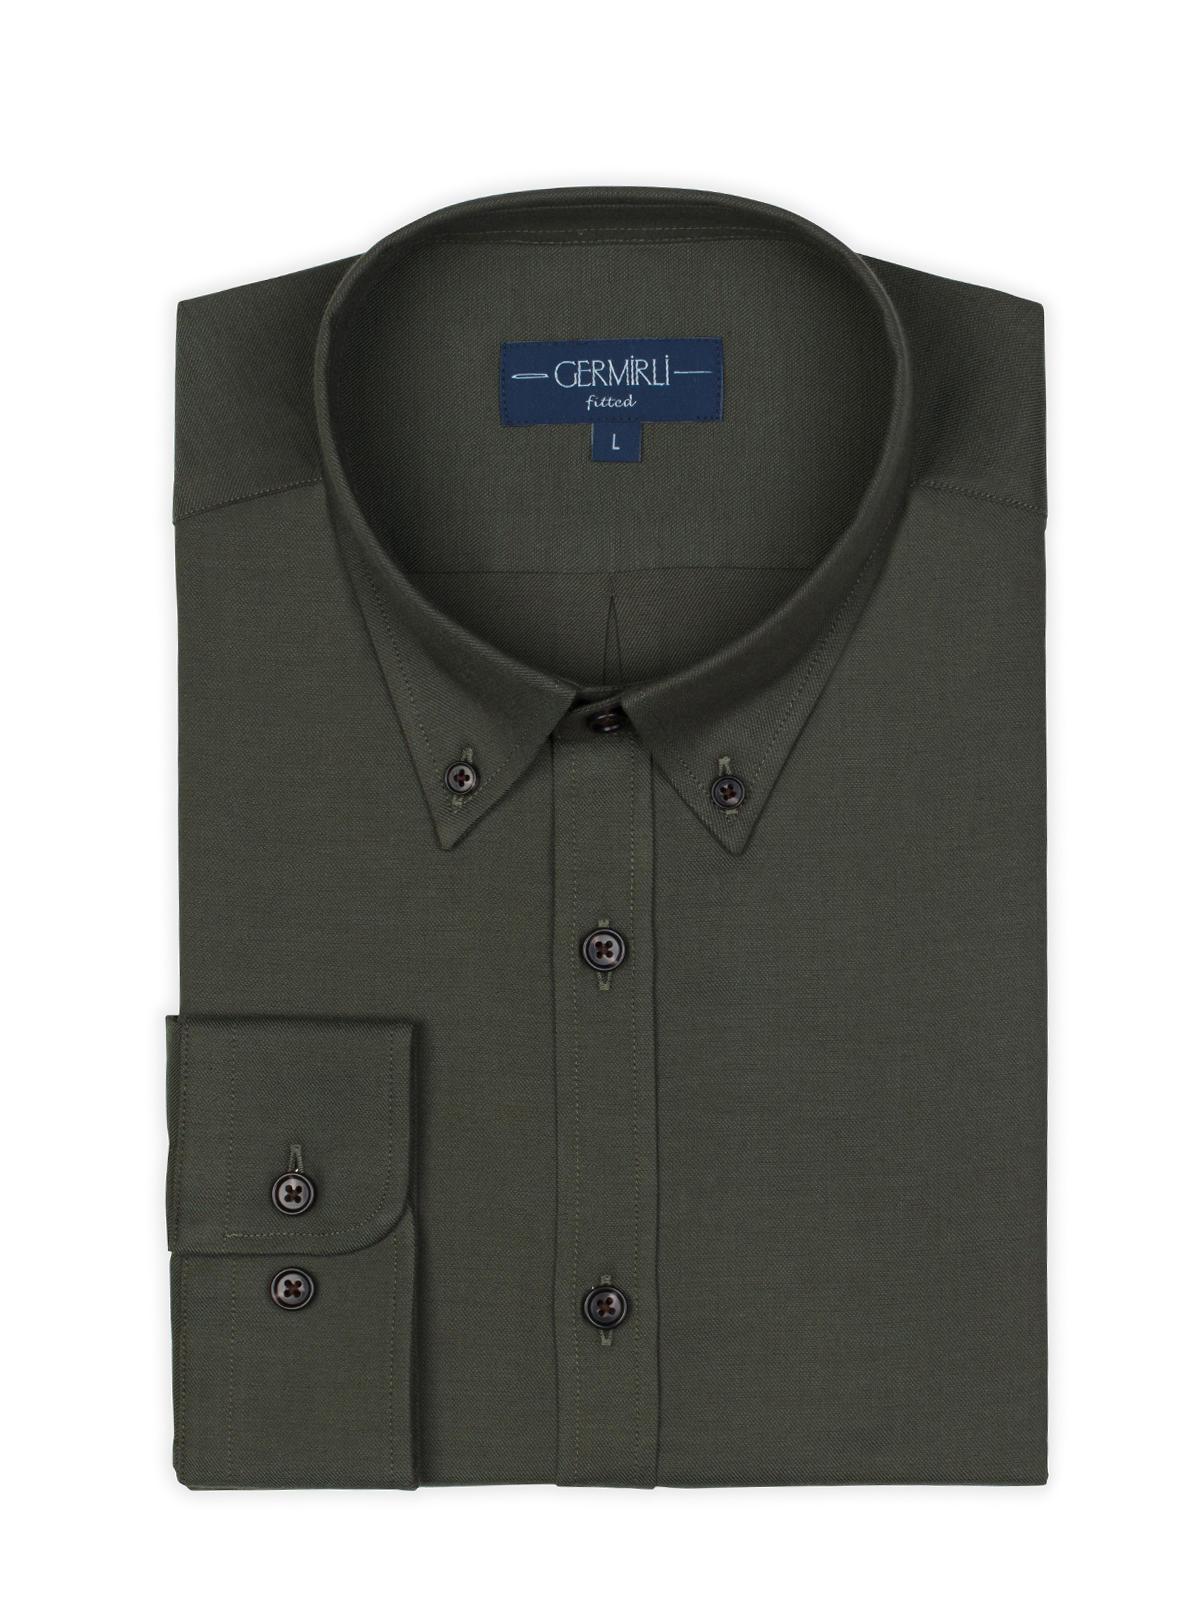 Germirli Yeşil Twill Düğmeli Yaka Tailor Fit Gömlek